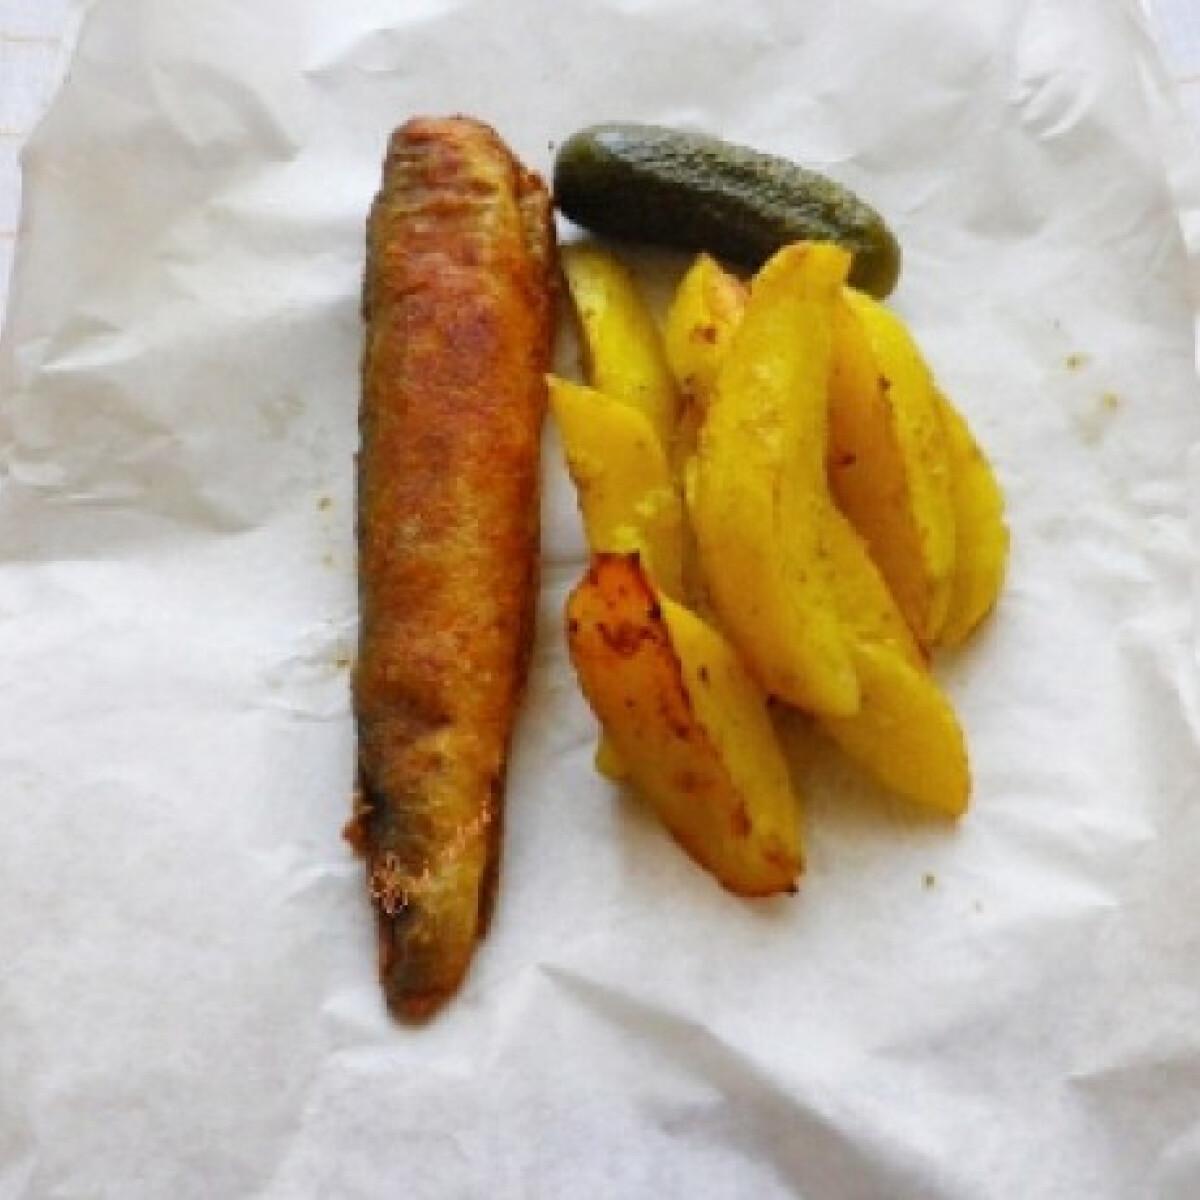 Magyar fish and chips